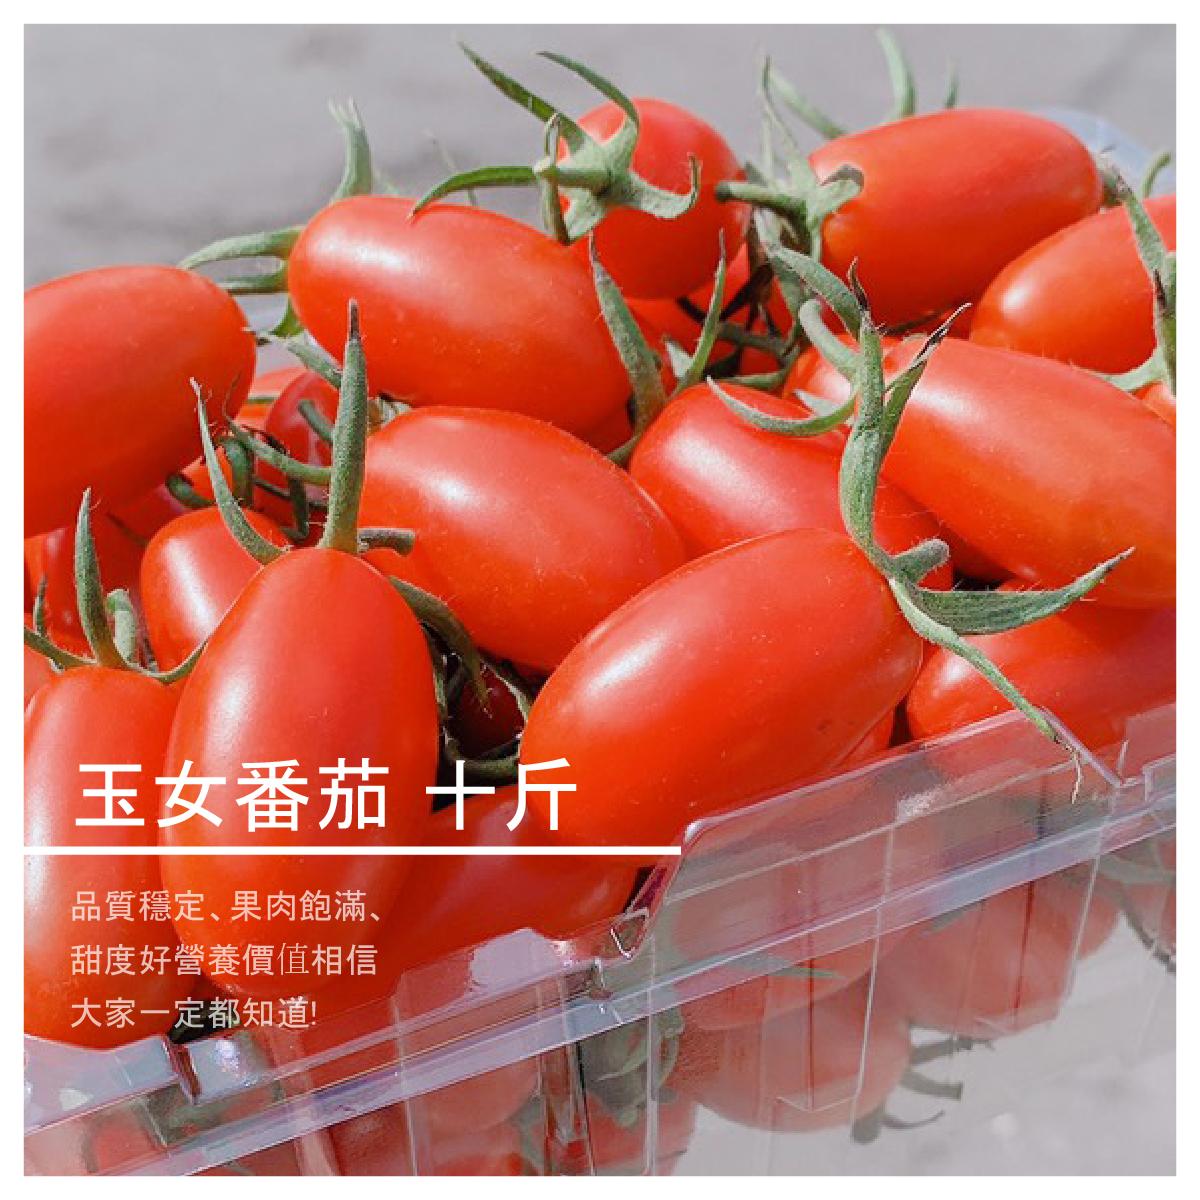 【結善園小番茄】玉女番茄 十斤